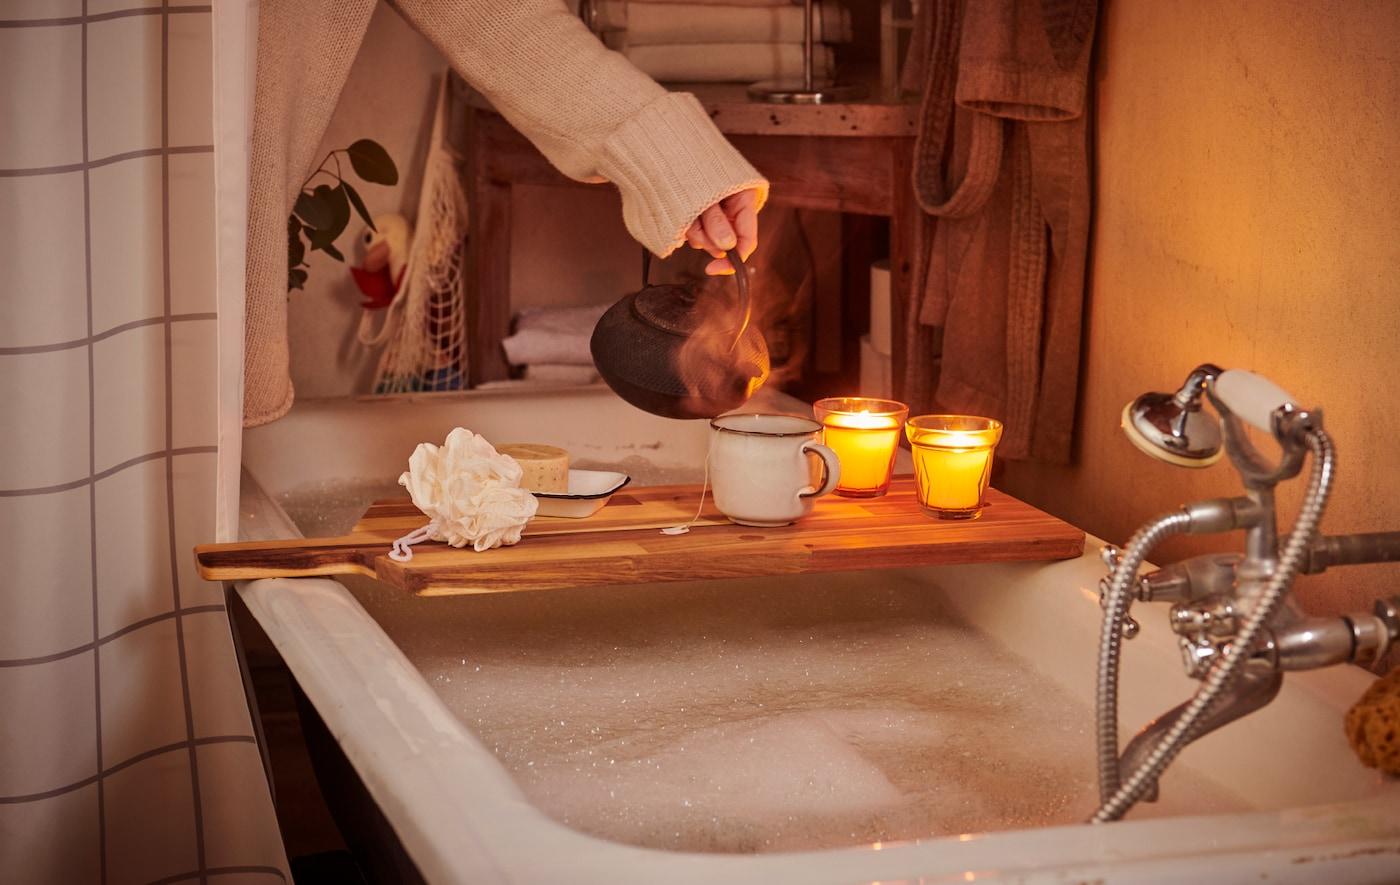 Žena u džemperu se priprema za spa tretman tako što sipa čaj u šolju na dasci za seckanje, postavljenoj preko kade.